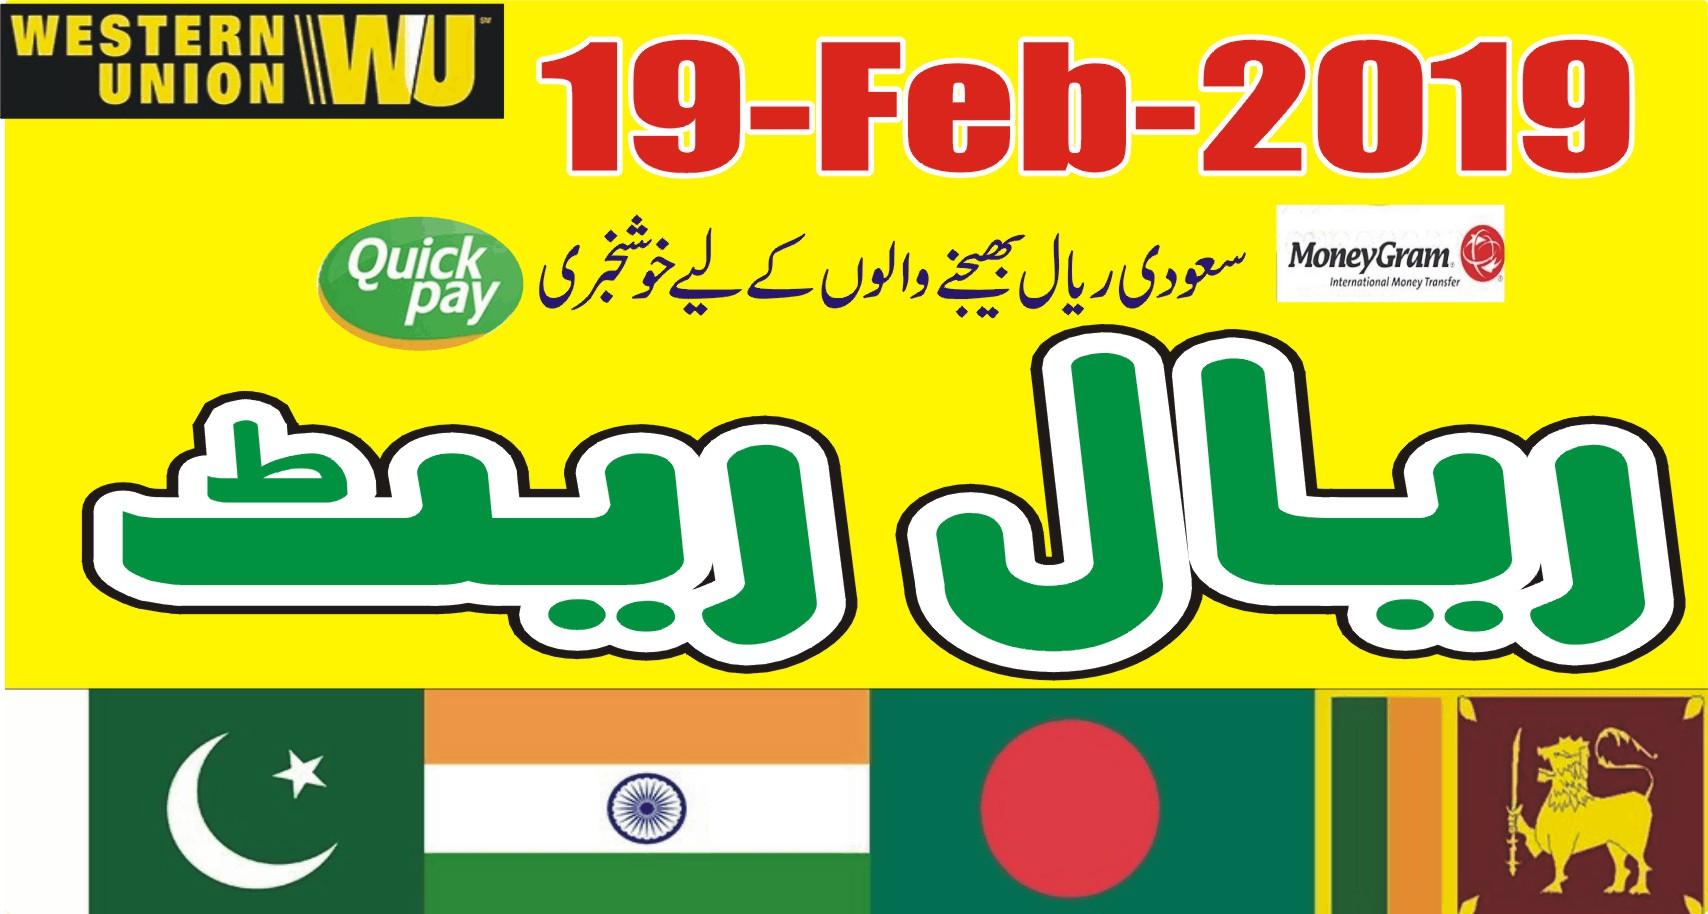 پاکستان,بھارت،بنگلادیش اور نیپال کے لیےآج کا سعودی ریال ۔۔۔۔